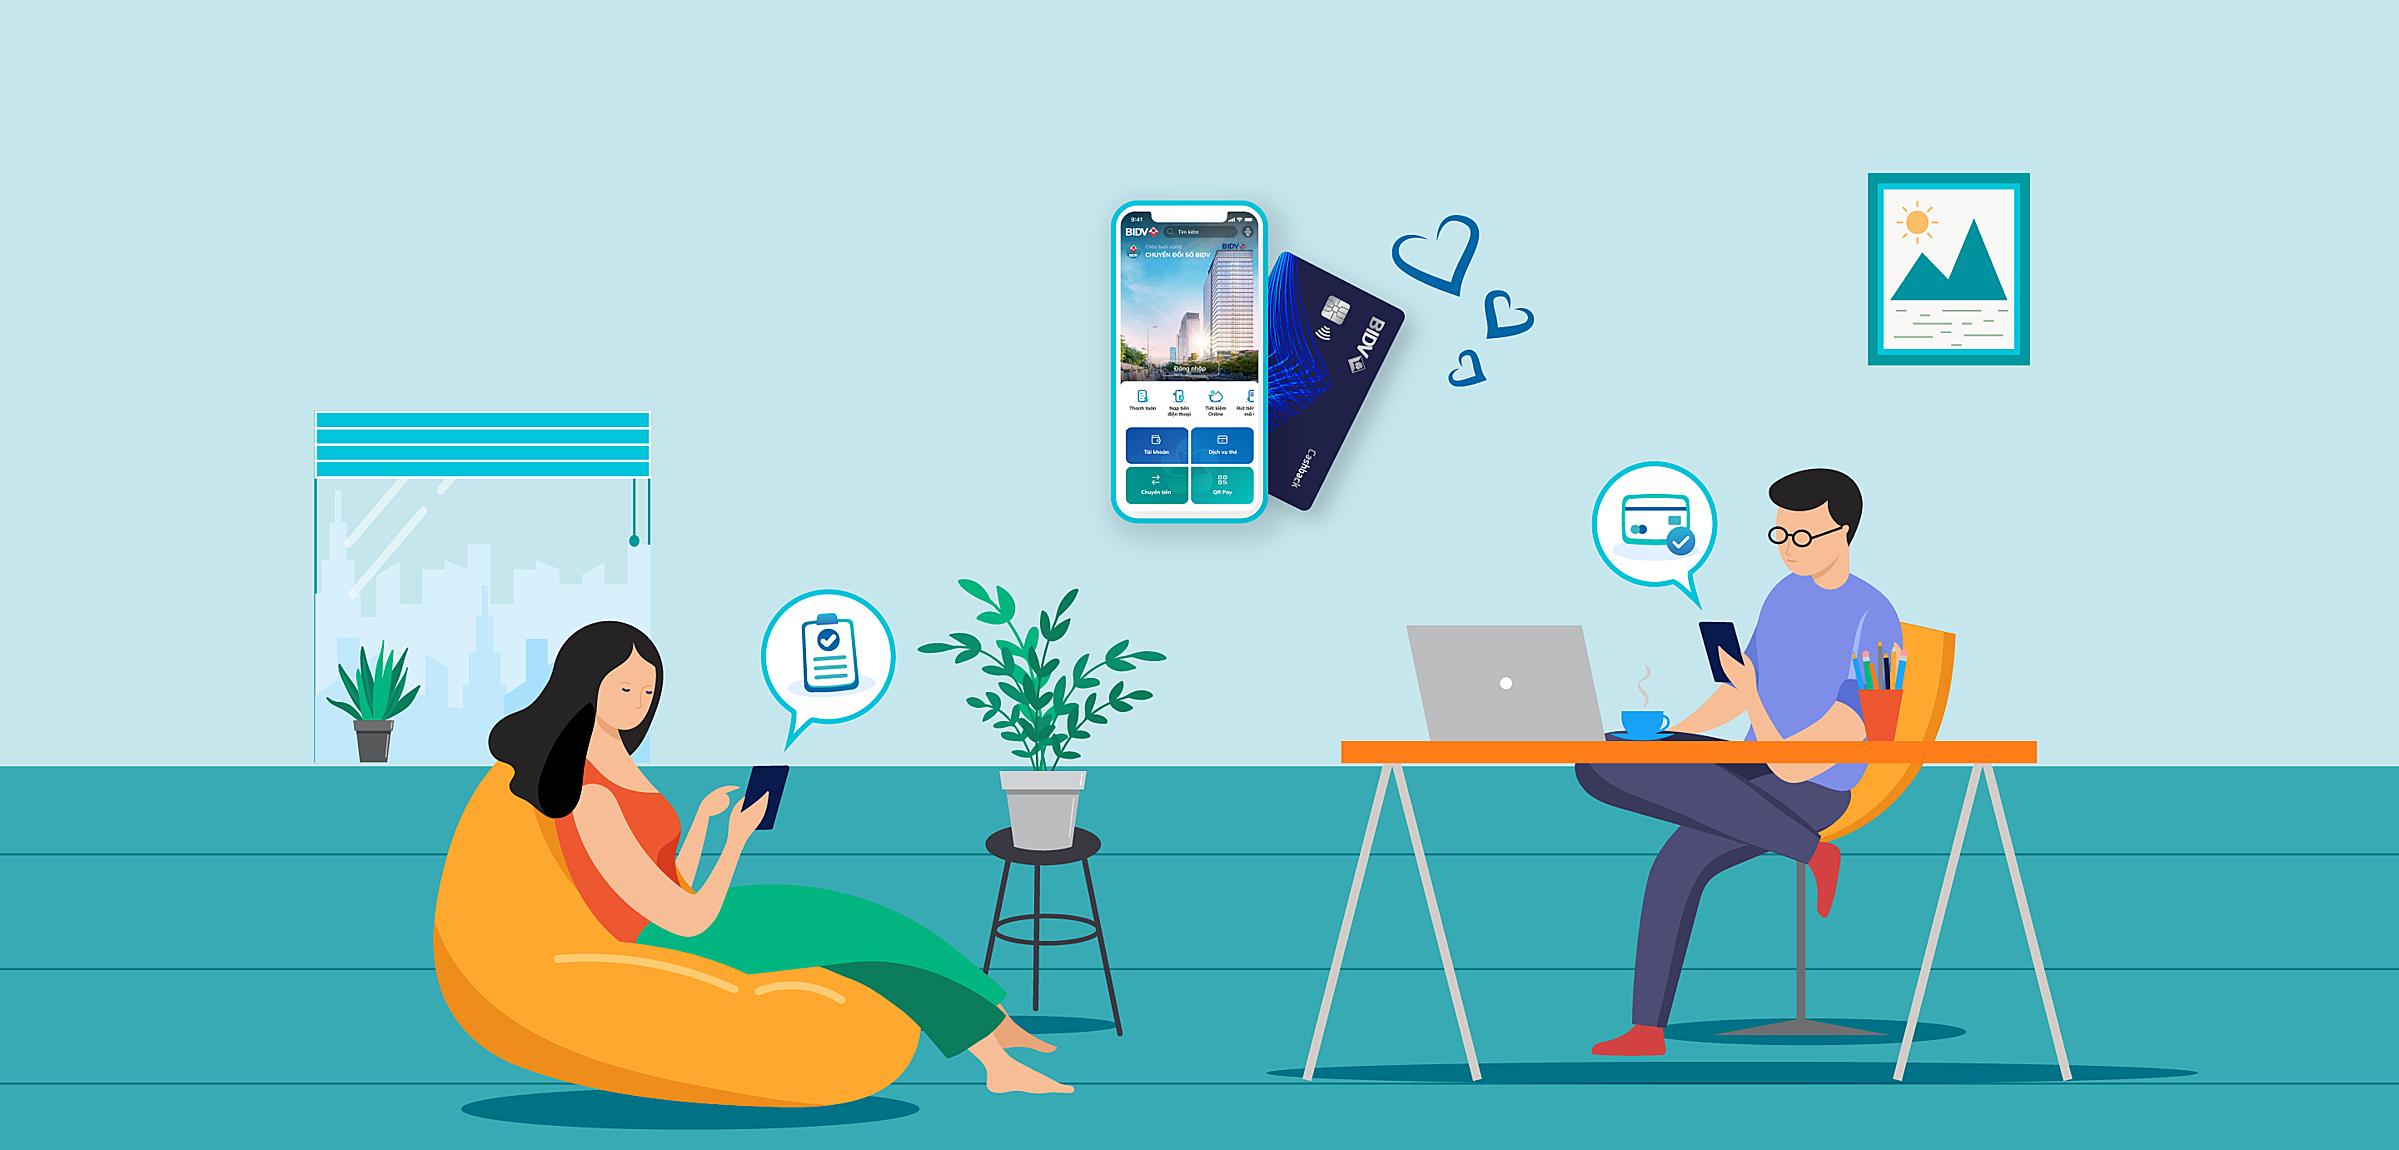 Người dùng có thể thực hiện giao dịch trực tuyến tại nhà. Ảnh: BIDV.